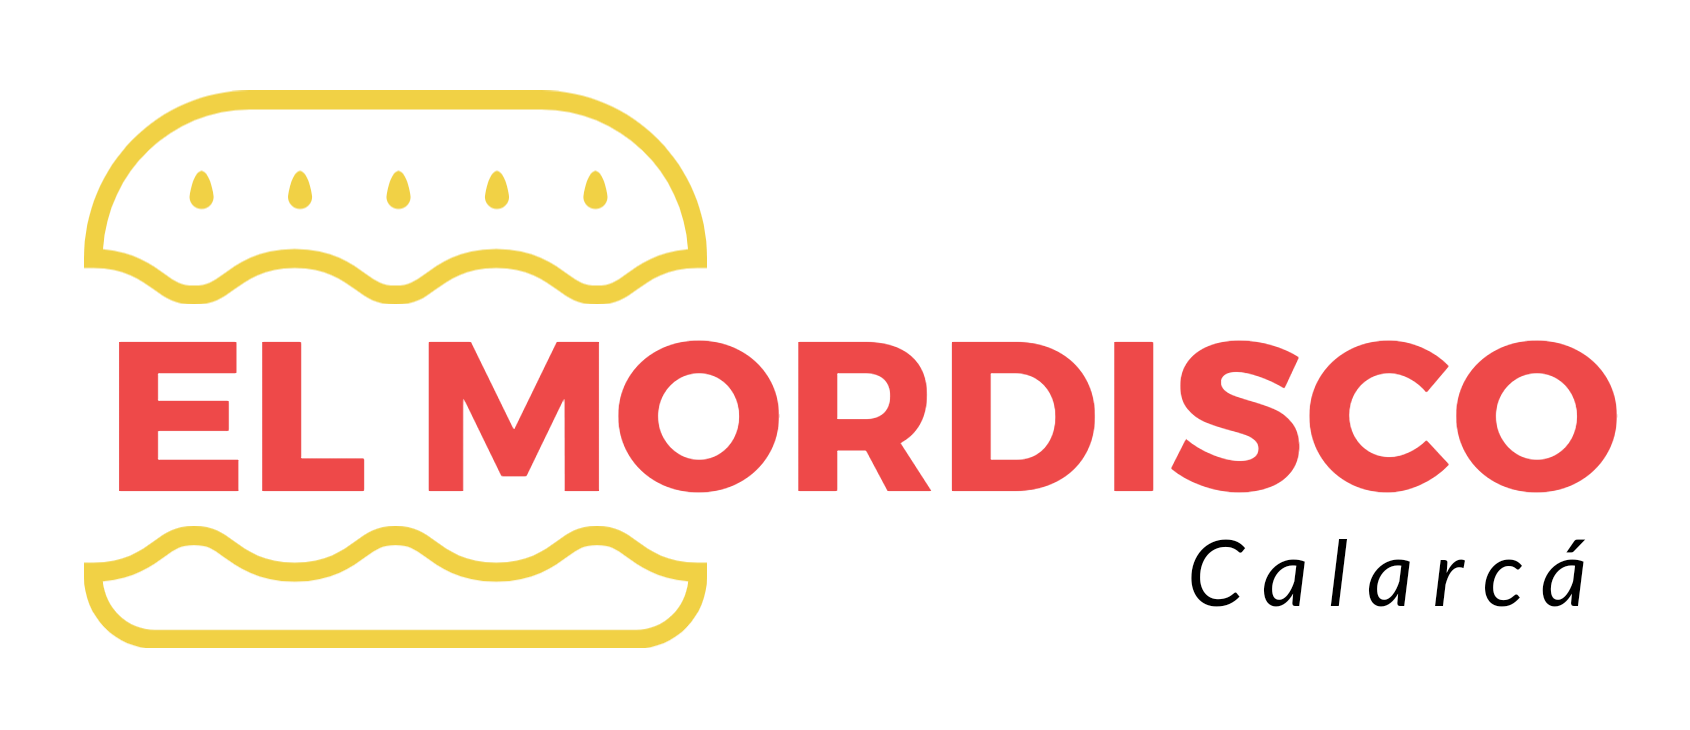 MARCOS ANDRES CARDENAS HOYOS